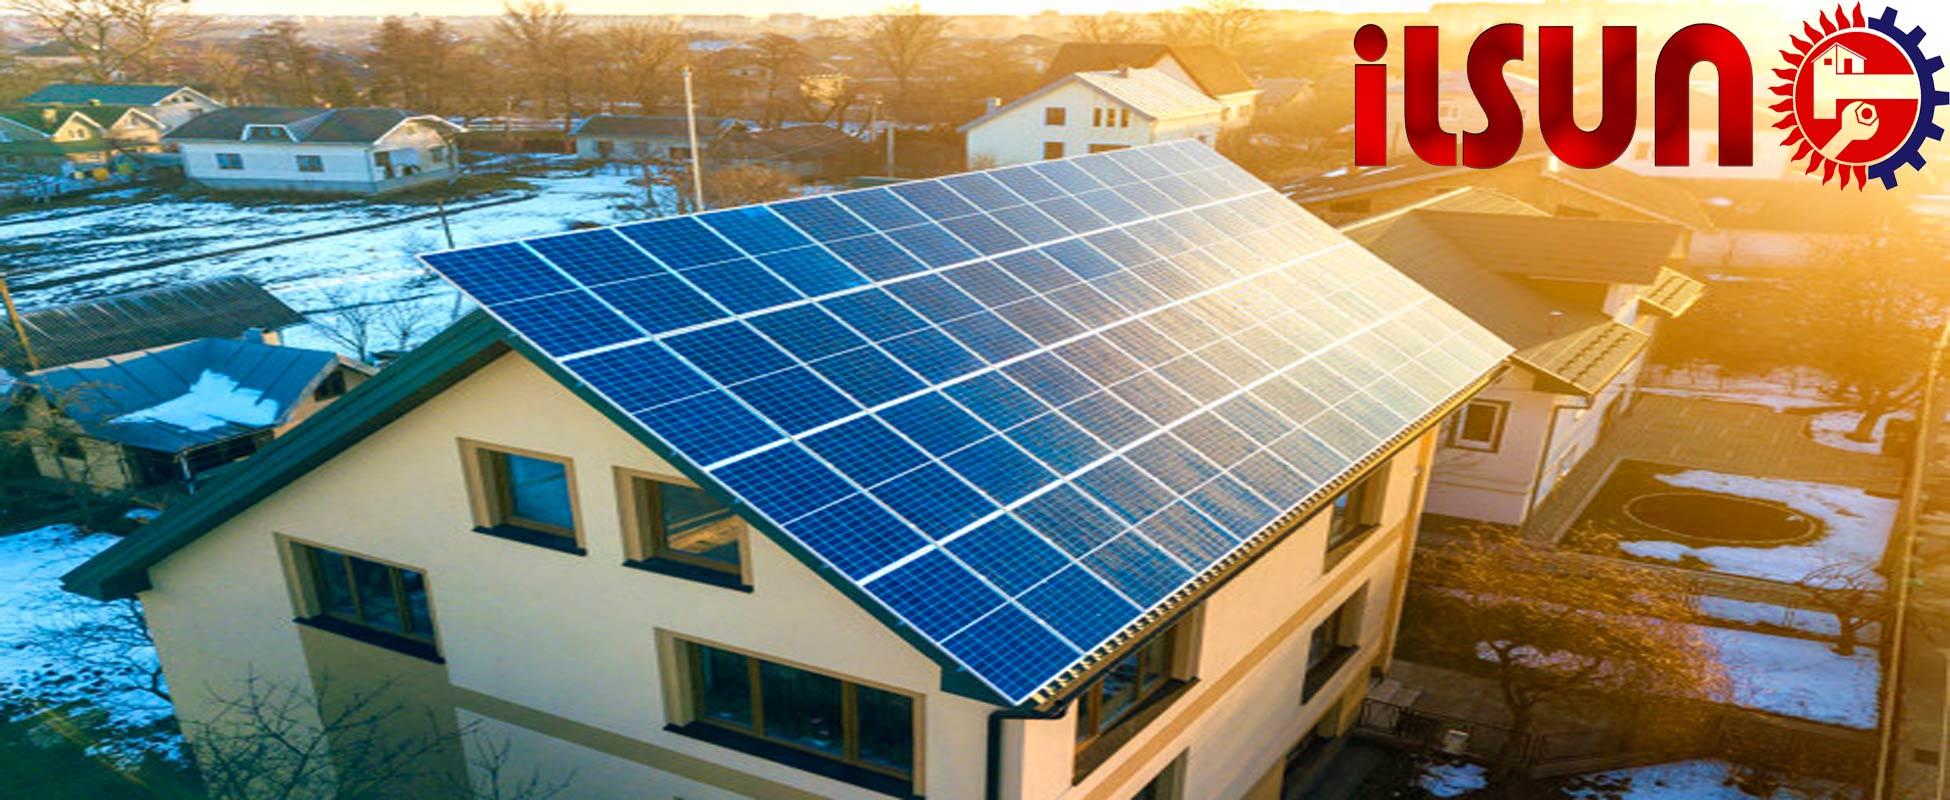 آبگرمکن خورشیدی . بررسی سیستم گرمایش آب برای کاربردهای انرژی خورشیدی